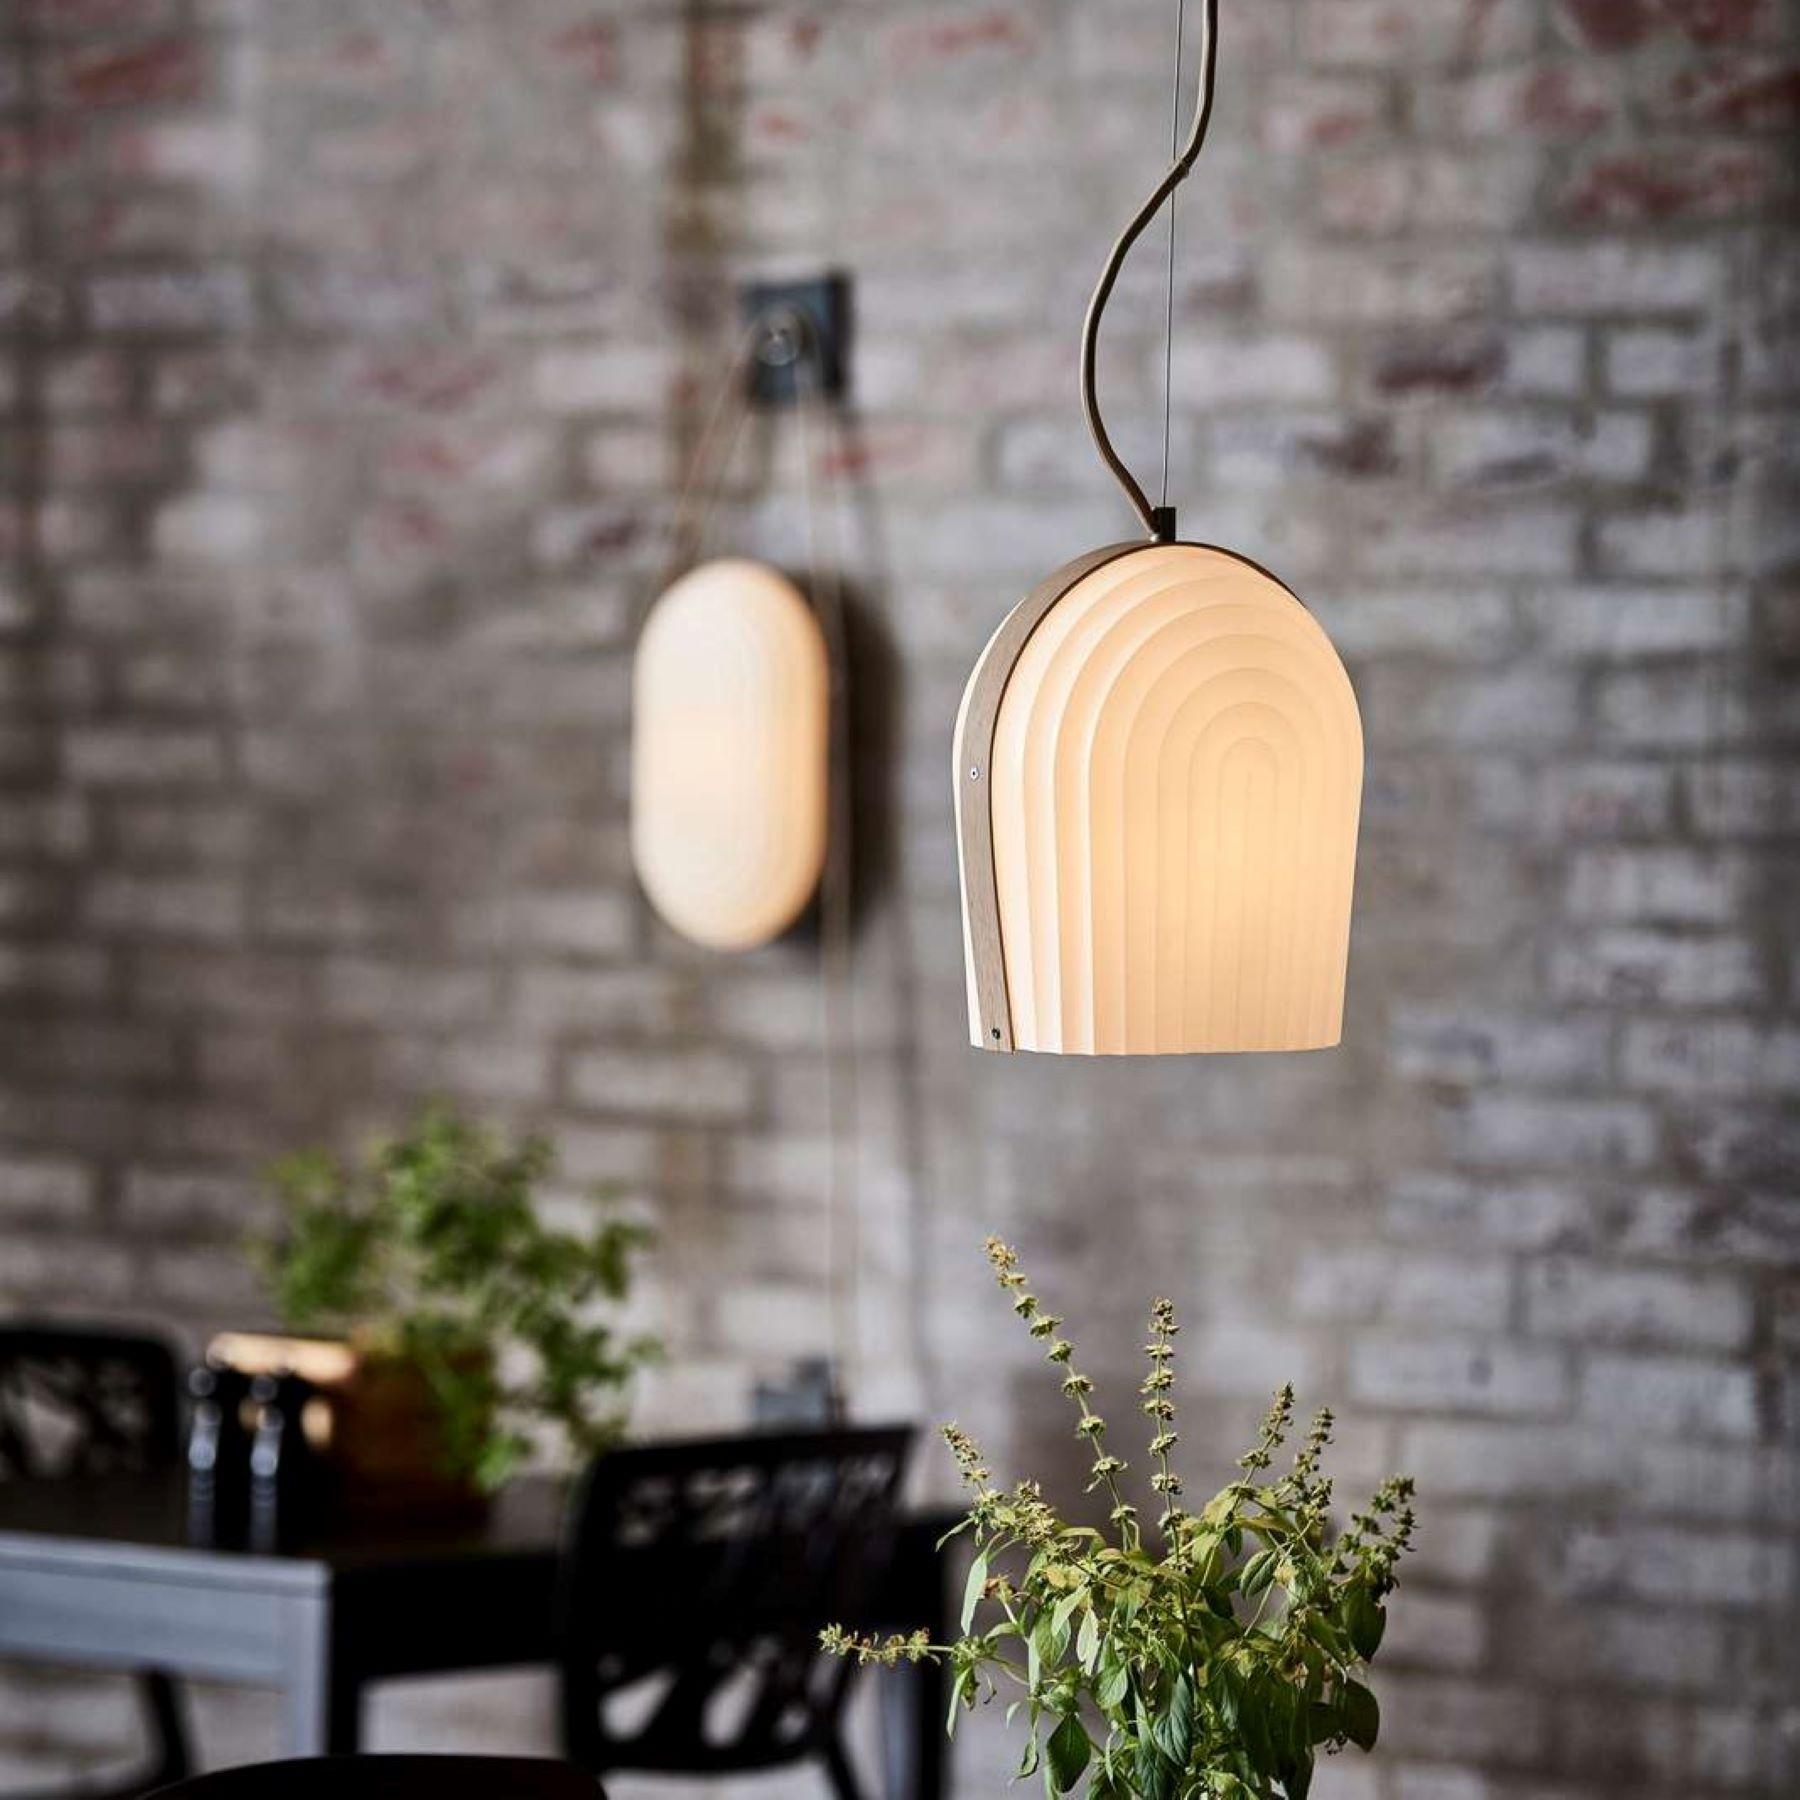 Le Klint Lamella Loft Væglampe 50cm Golden E mærket